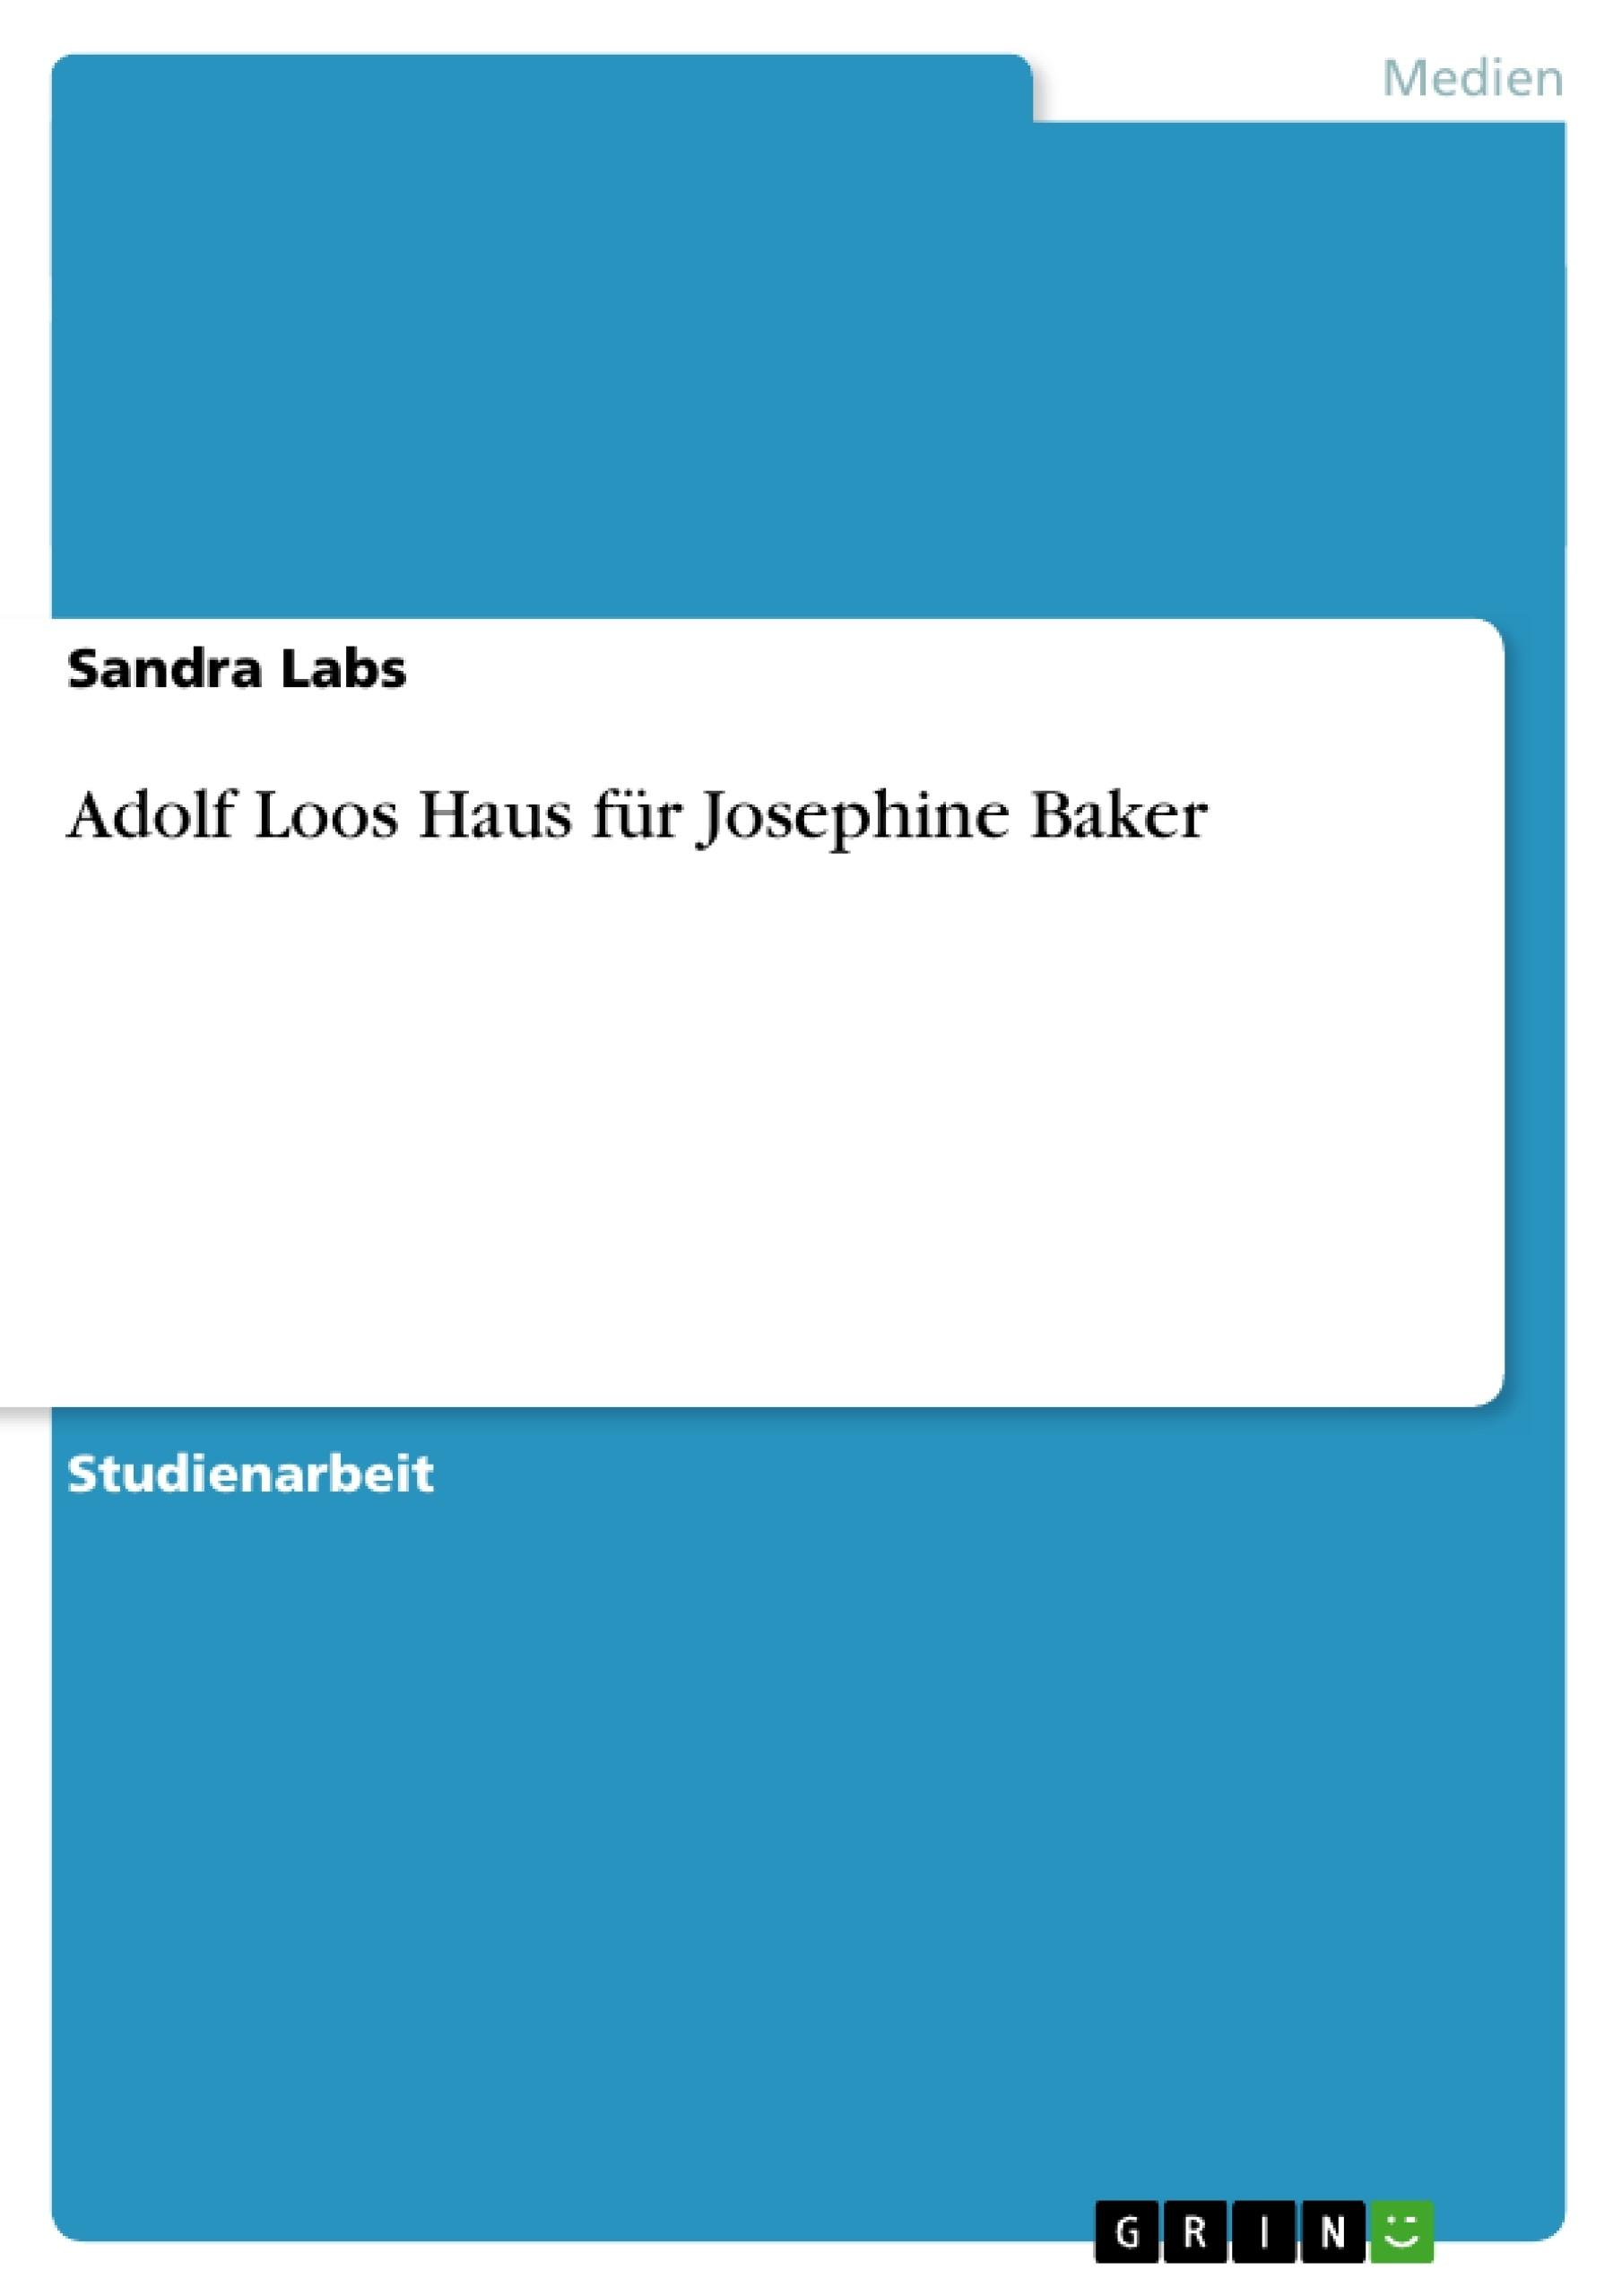 Titel: Adolf Loos Haus für Josephine Baker